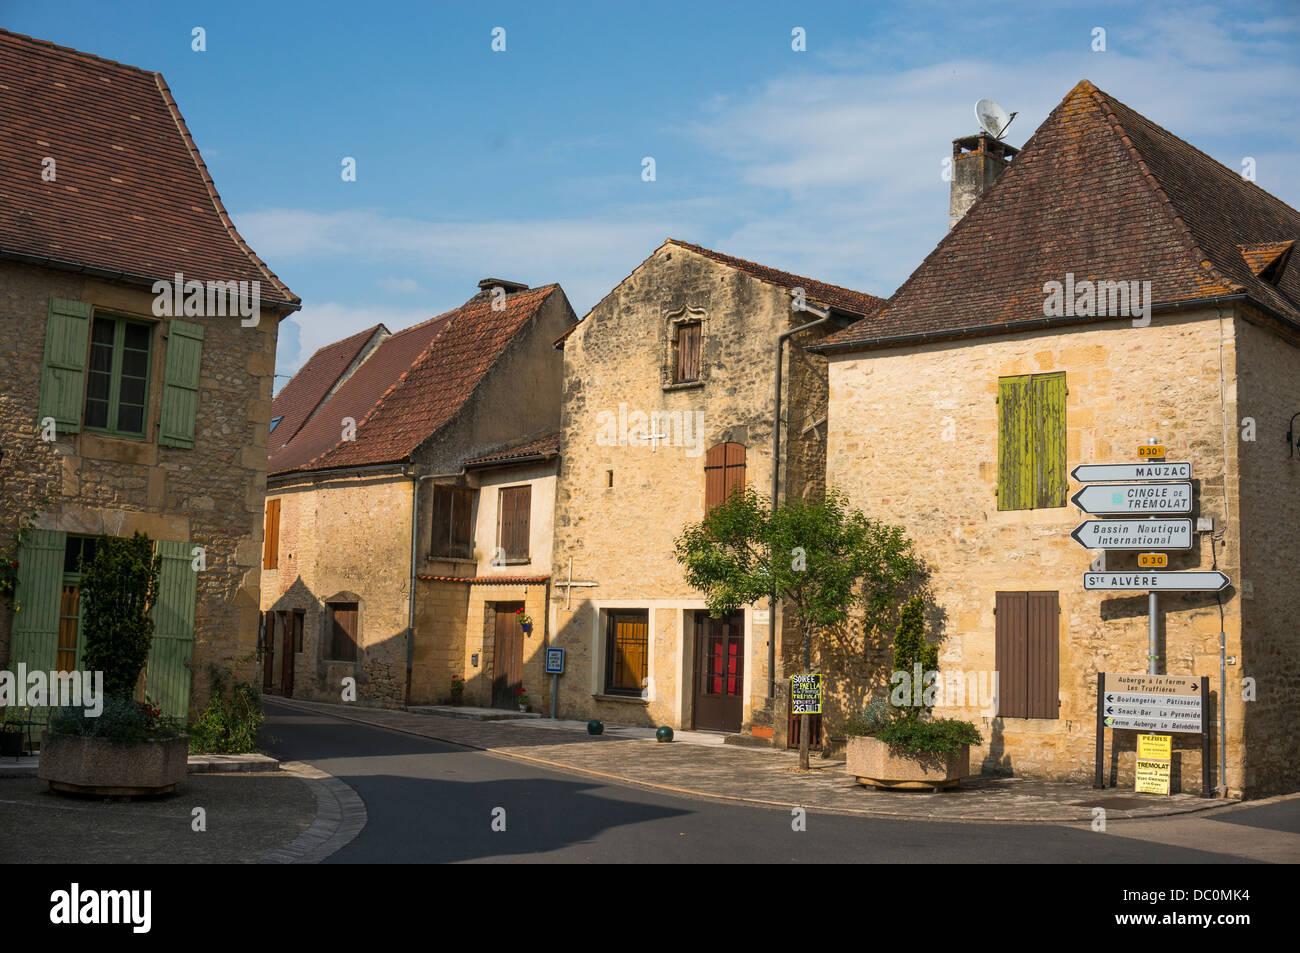 Schöne alte Häuser aus Stein im sonnendurchfluteten Dorf Trémolat, eine französische Gemeinde Stockbild